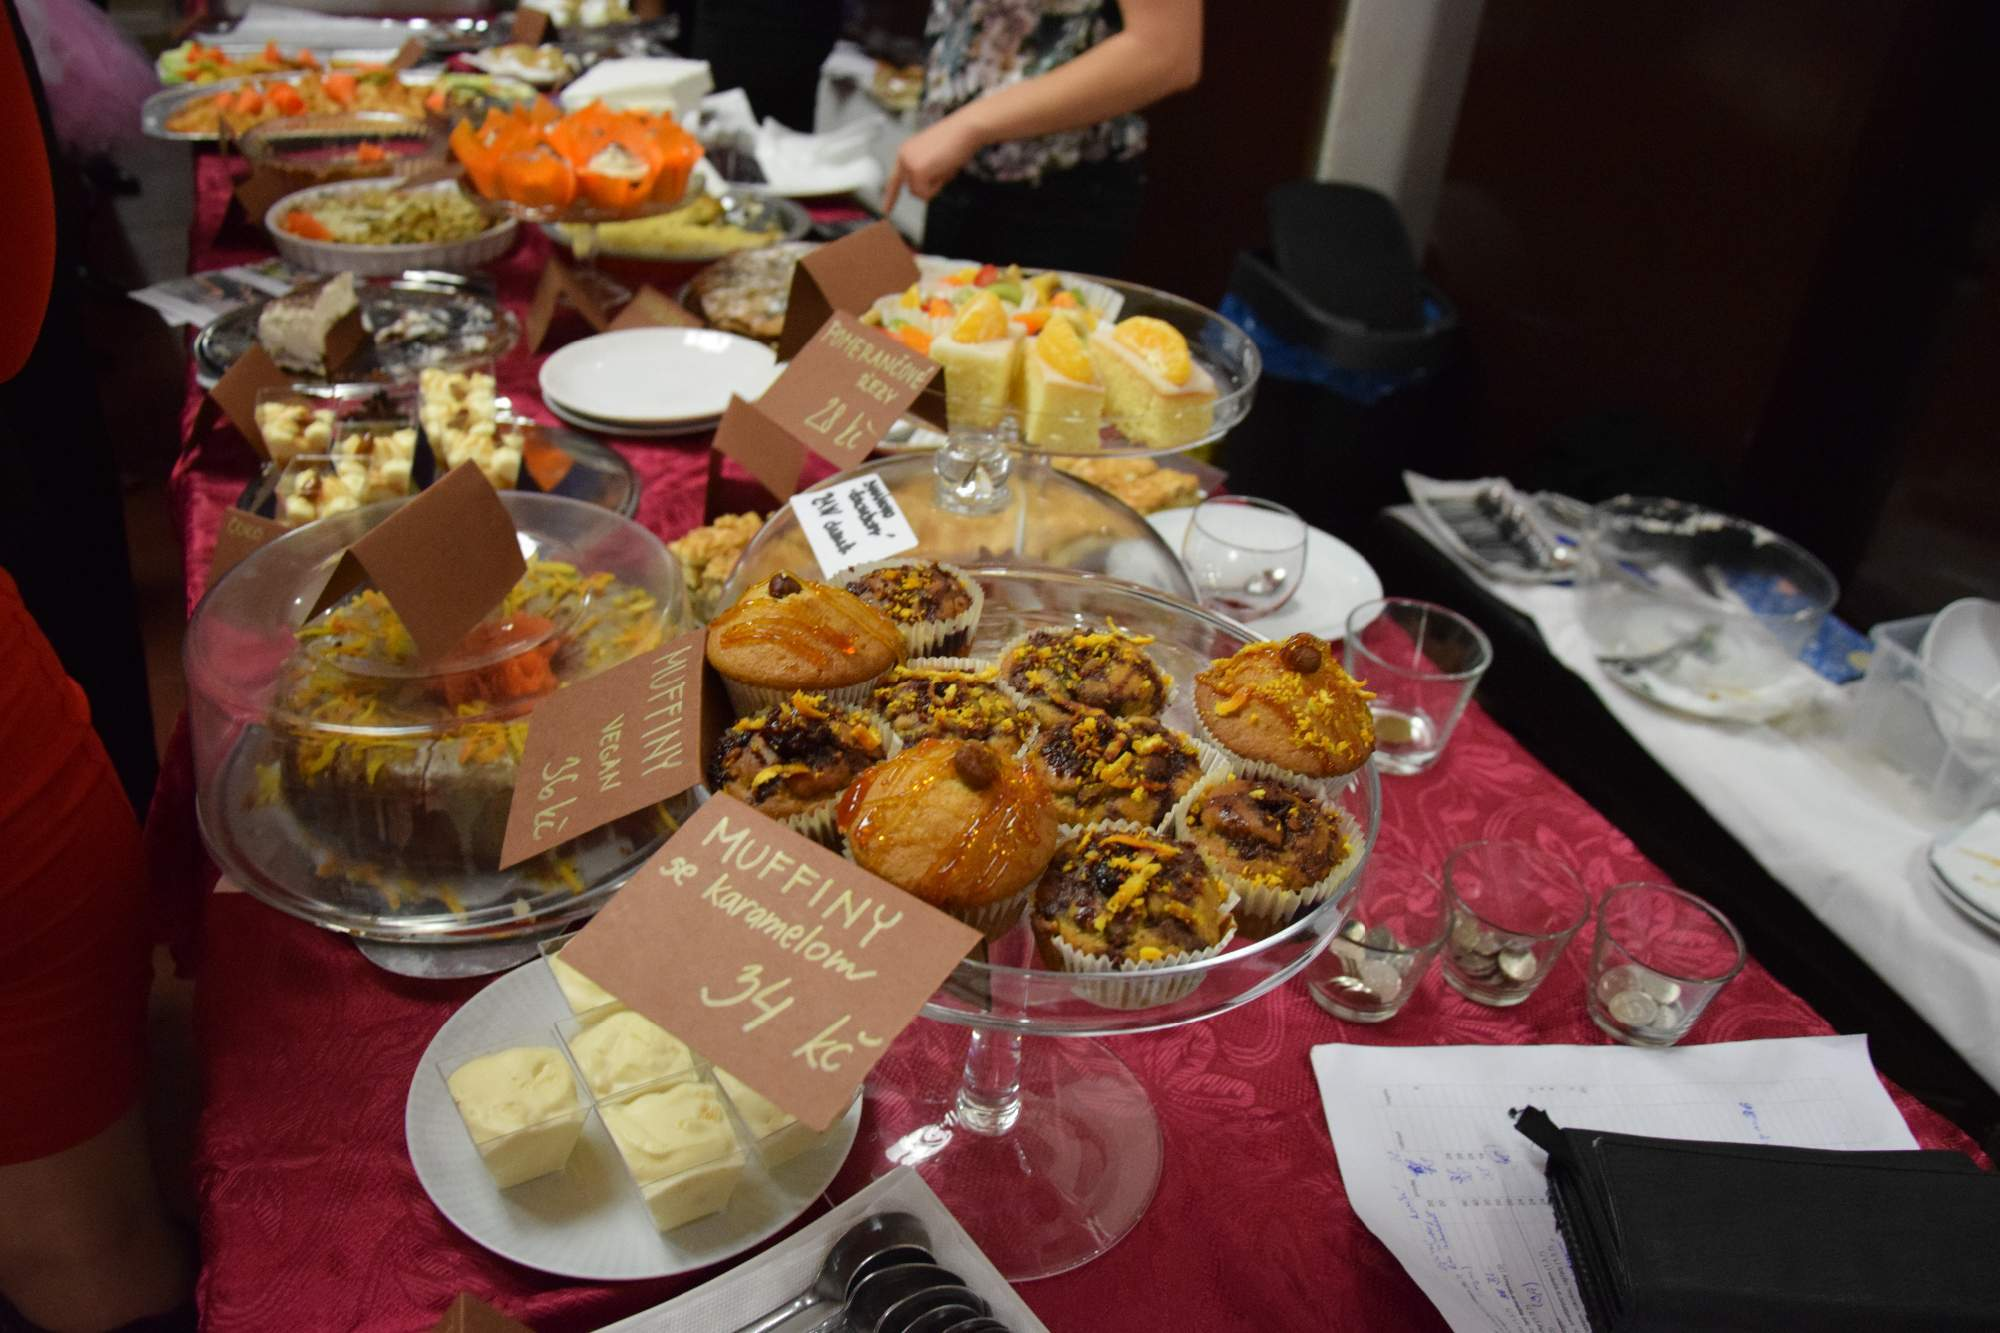 Pro účastníky bylo připraveno občerstvení. Foto: Tereza Kučerová